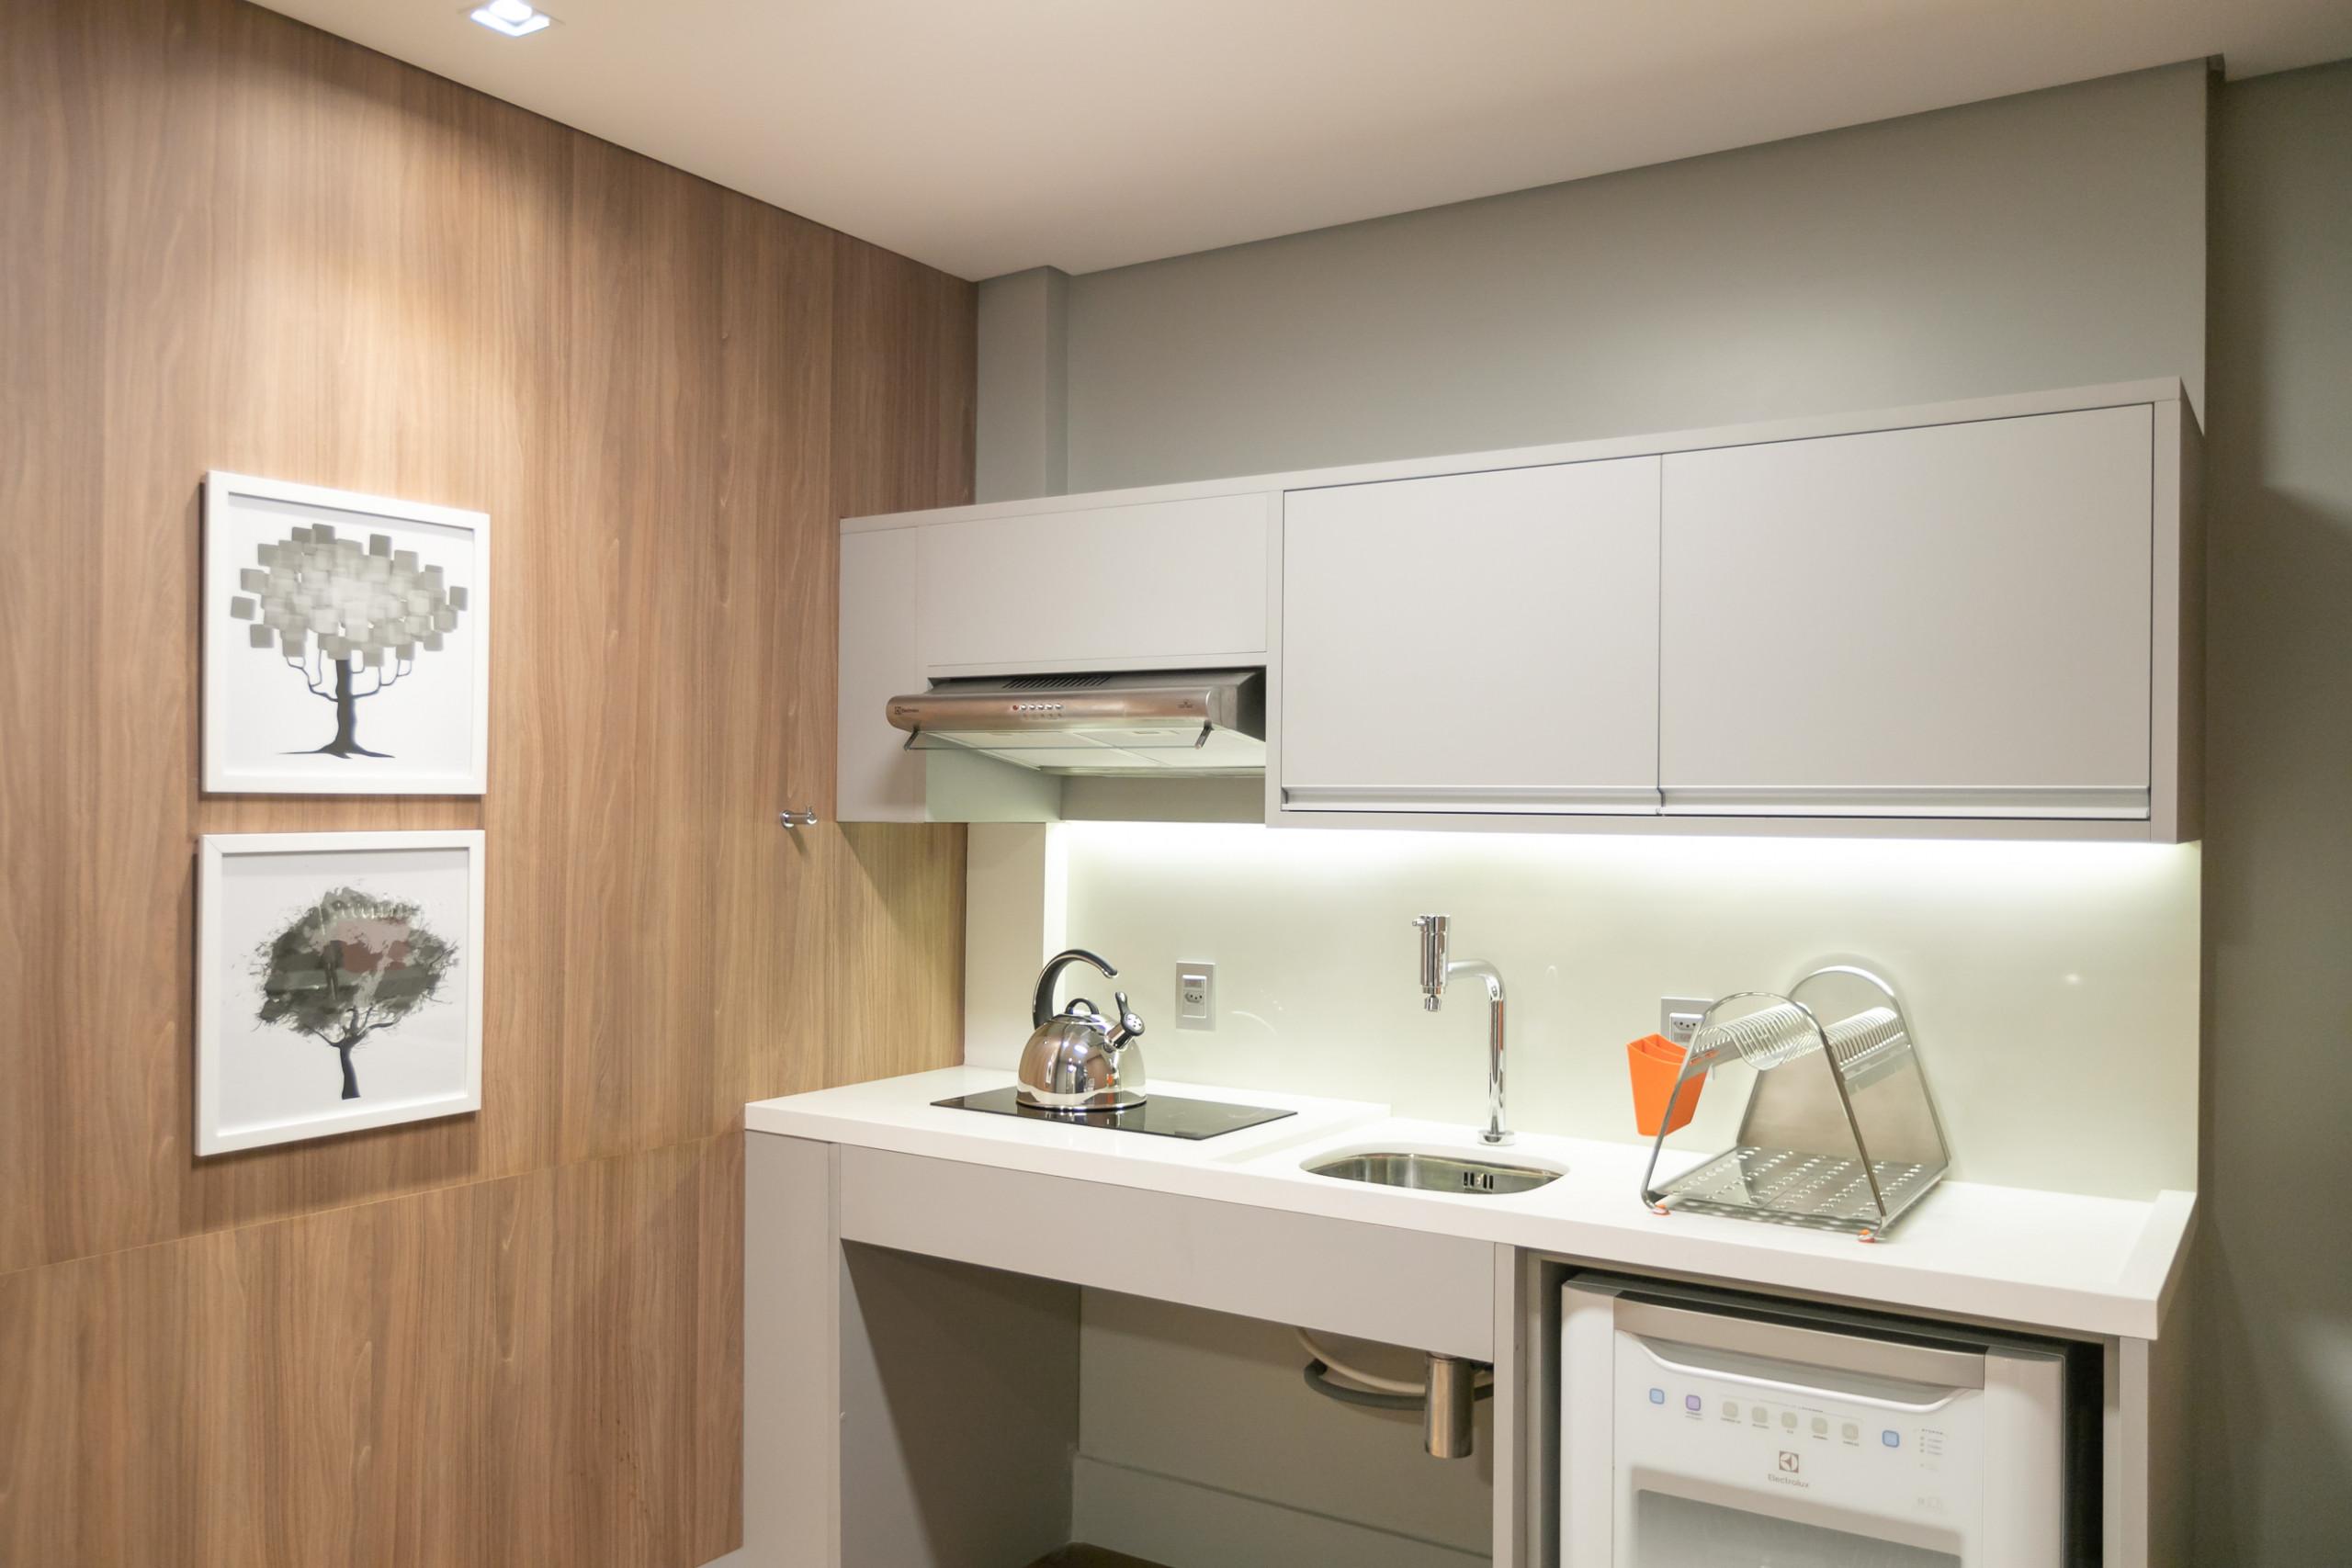 Apartamento Batel C Acessibilidade Hsb054 Estudios Em Curitiba